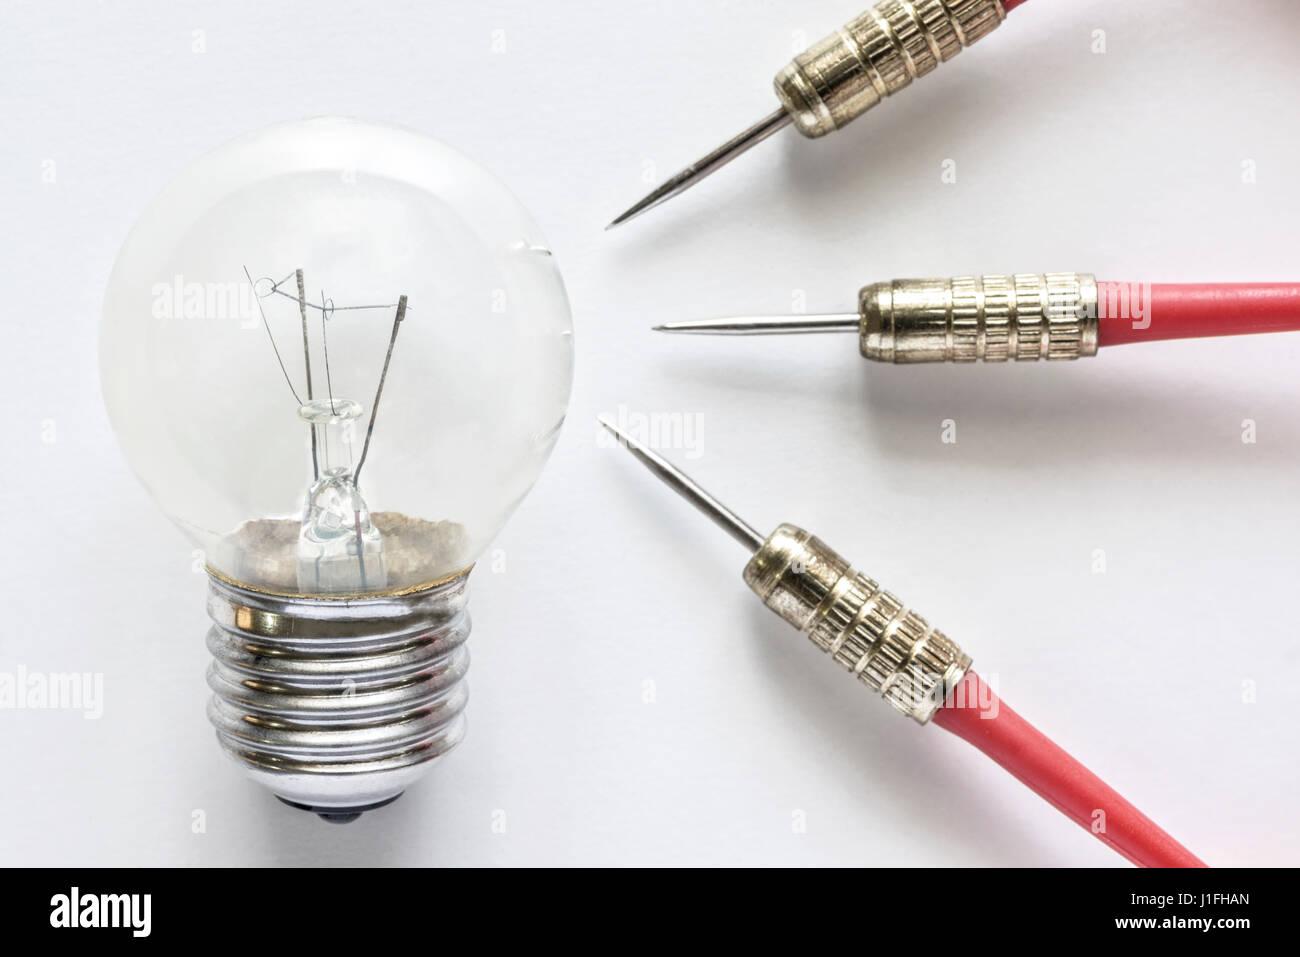 Closeup lámpara lámpara con tres dardos sobre fondo blanco, la idea y el concepto de éxito empresarial Imagen De Stock